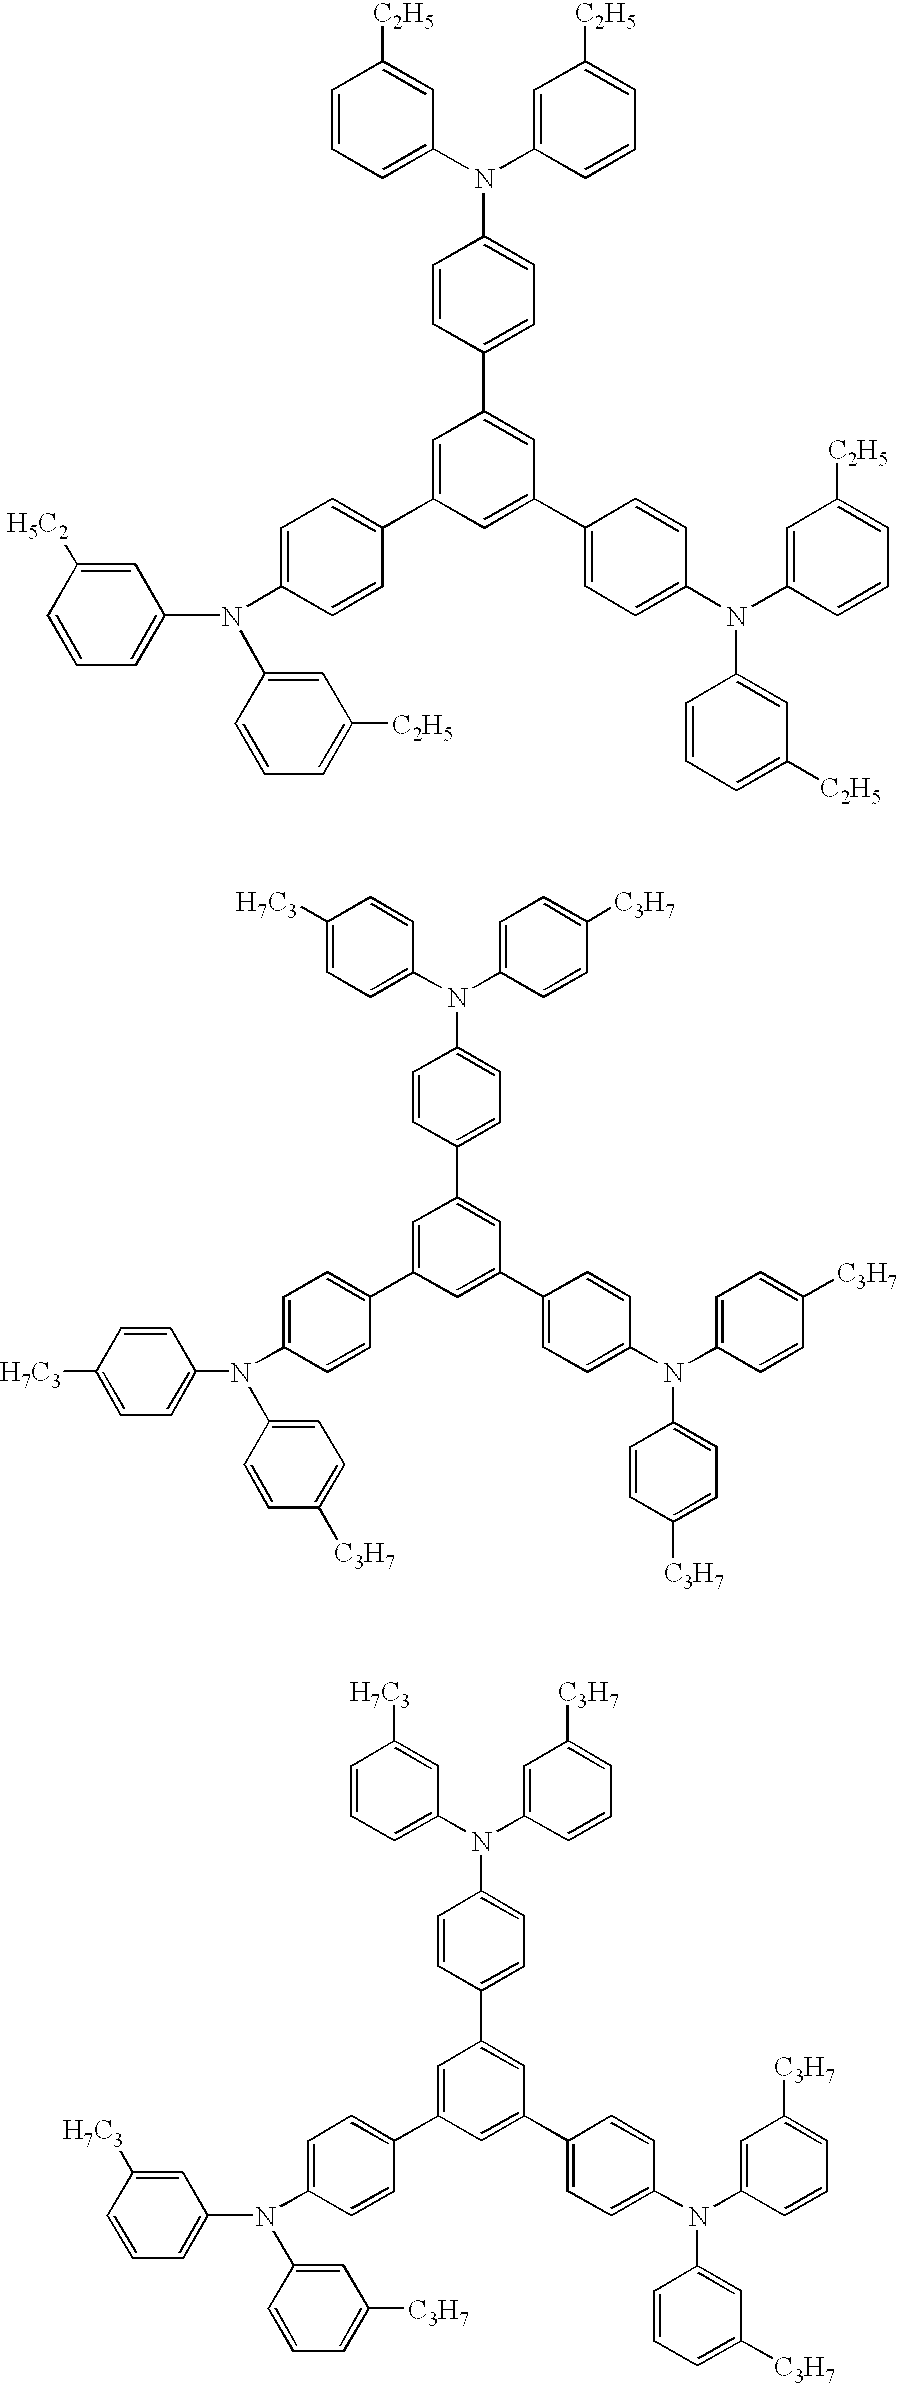 Figure US06541128-20030401-C00004